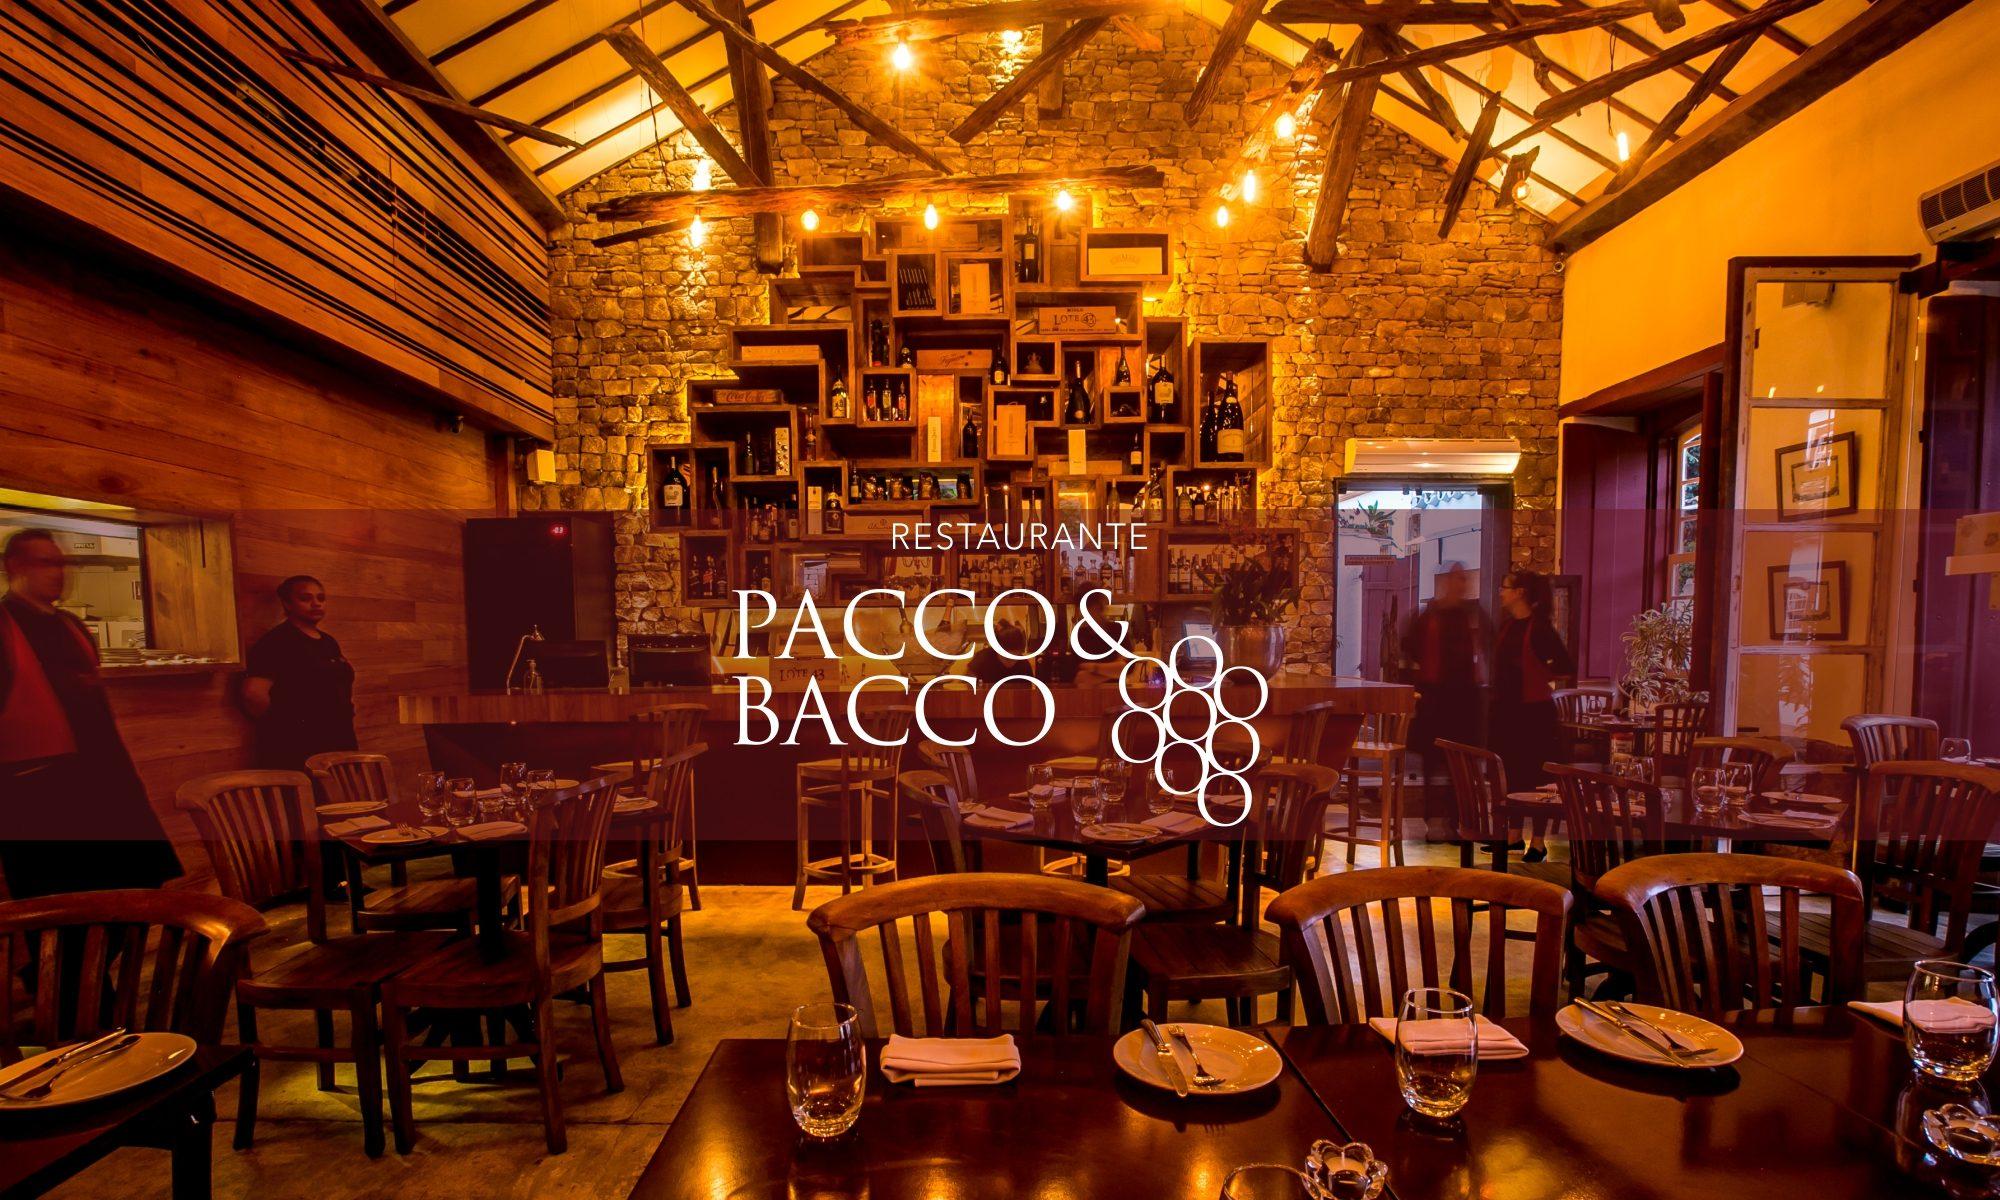 Pacco & Bacco